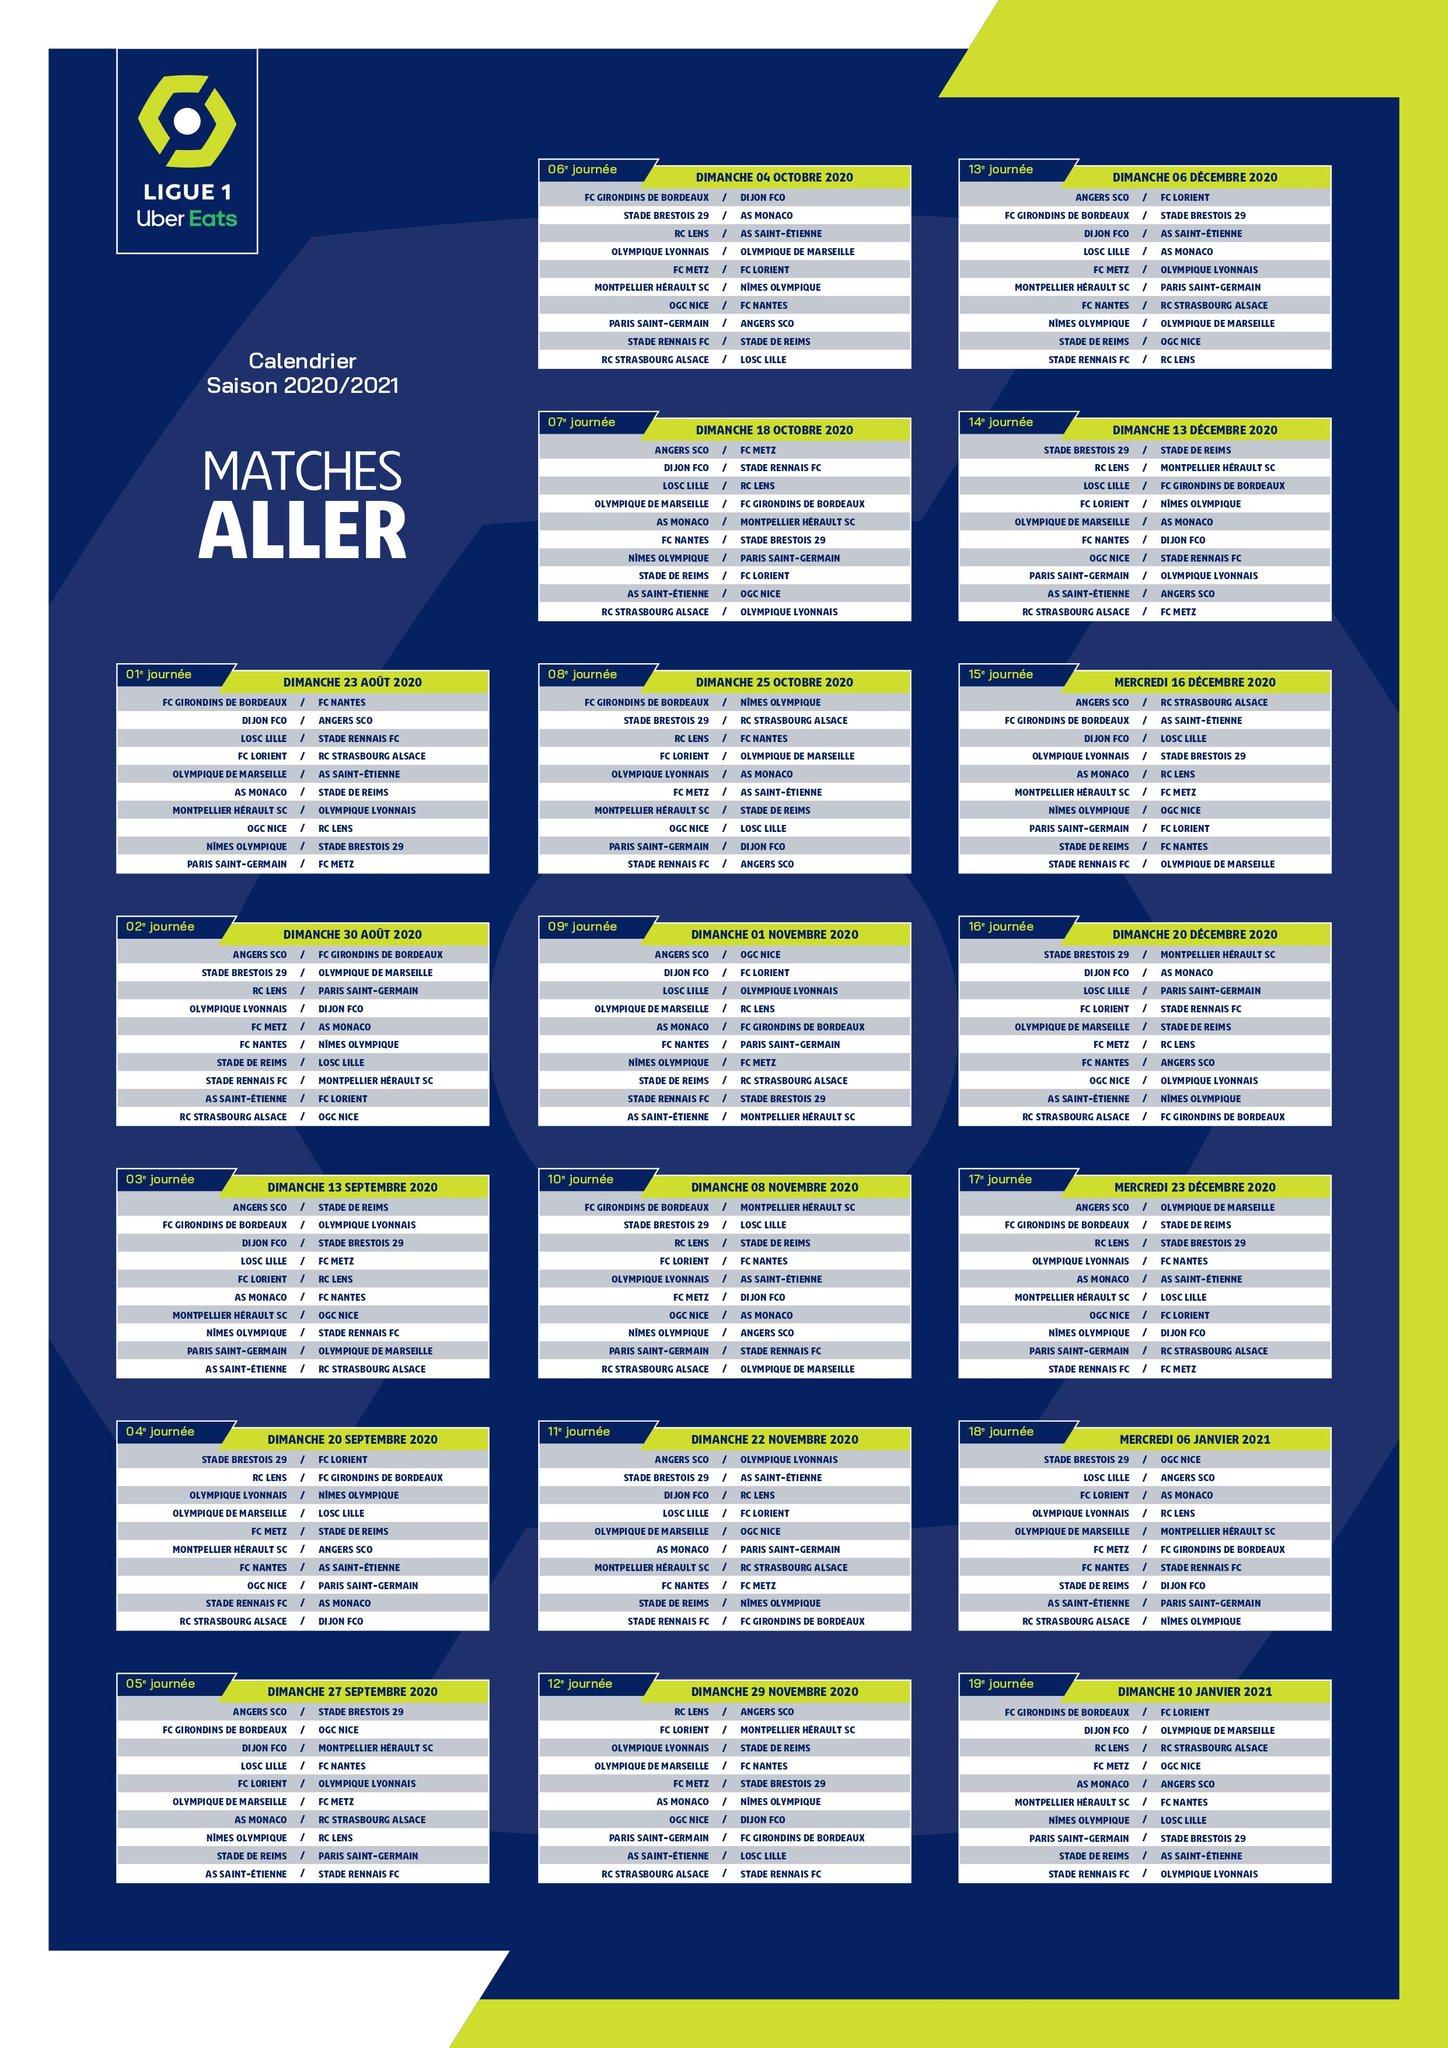 Calendrier 2021 Foot 2020/2021 : le calendrier complet de la Ligue 1 — Alsa'Sports